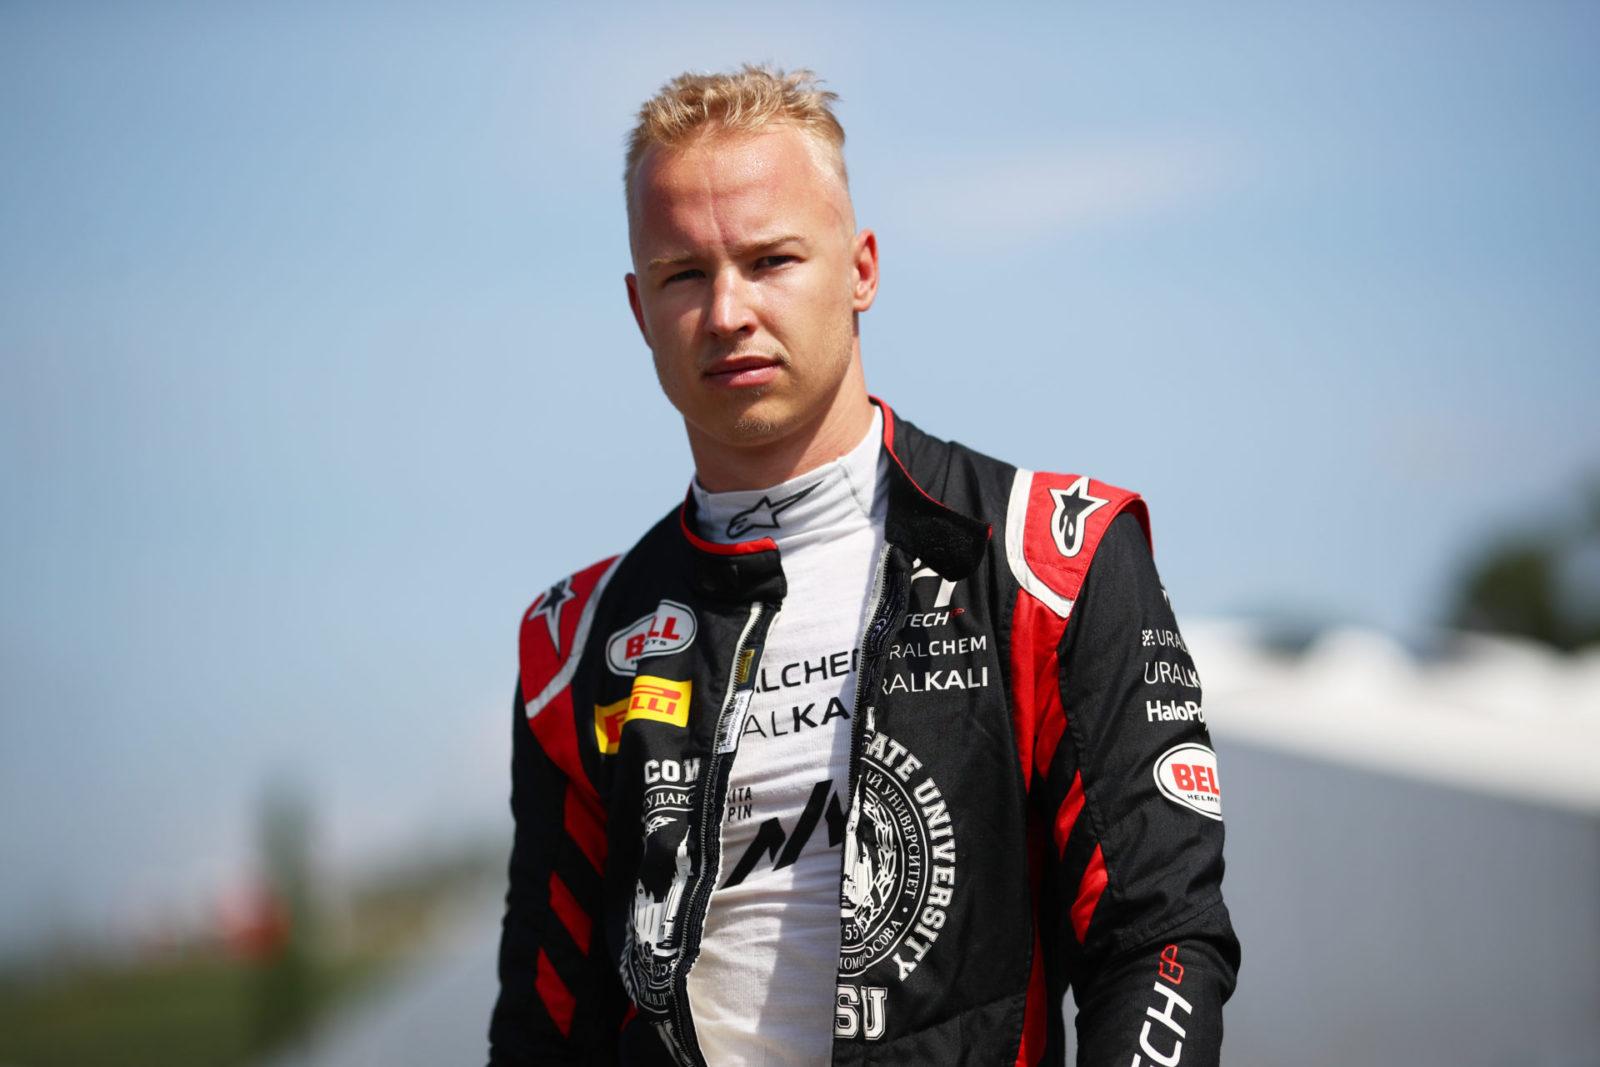 Chi è Nikita Mazepin, pilota Haas 2021